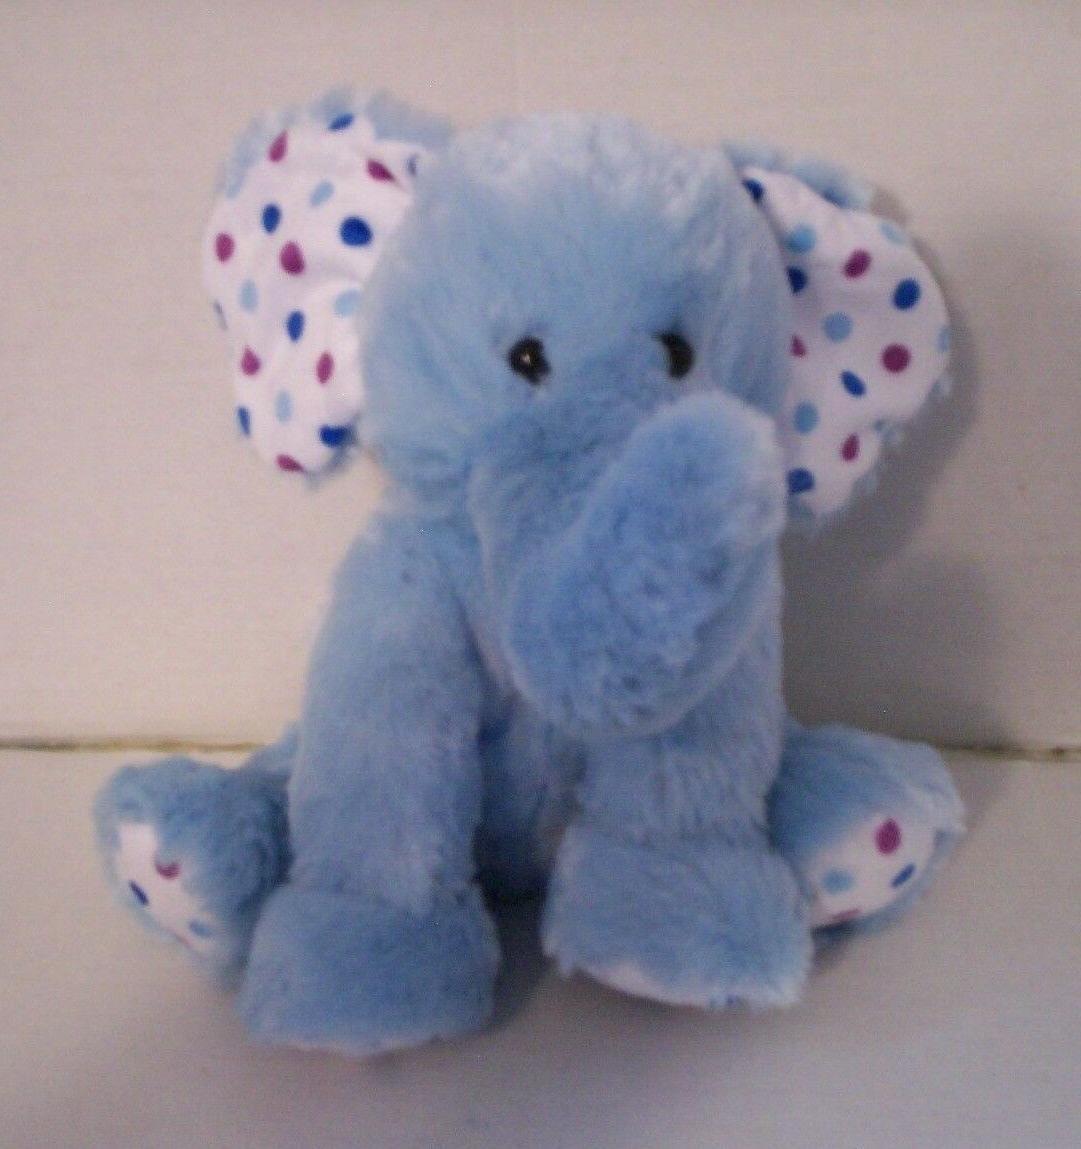 elephant stuffed animal by blue boy 9